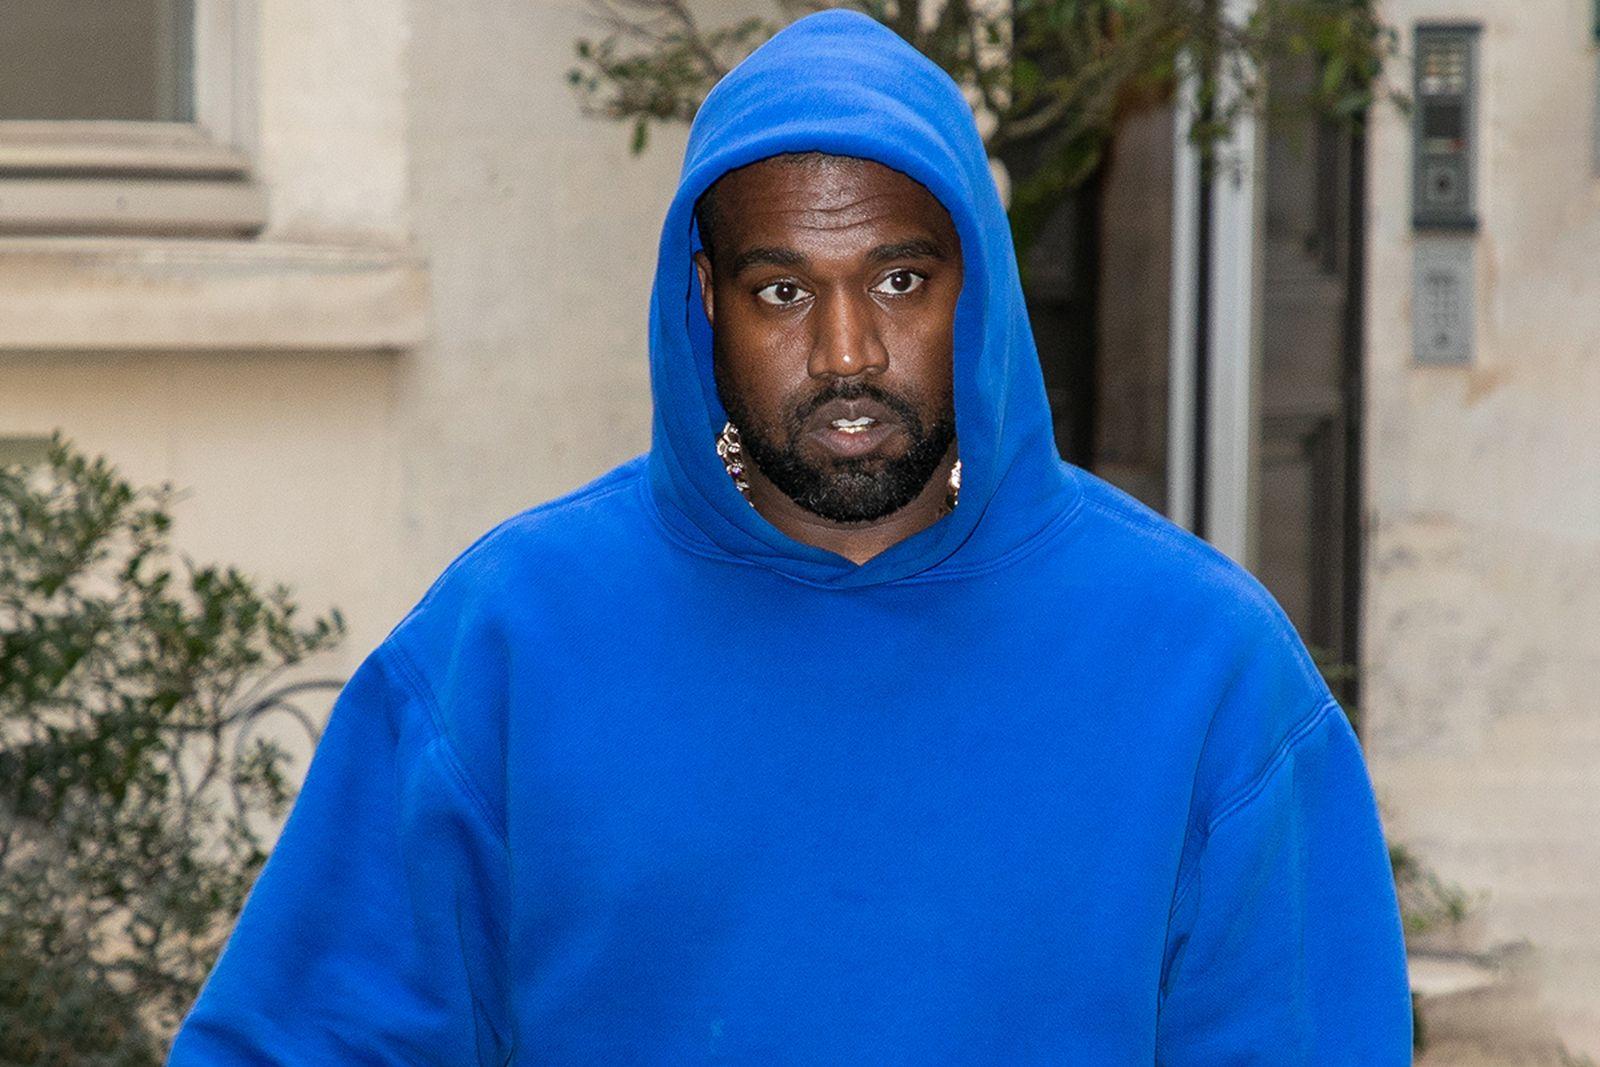 Kanye West dons a blue hoodie in Paris